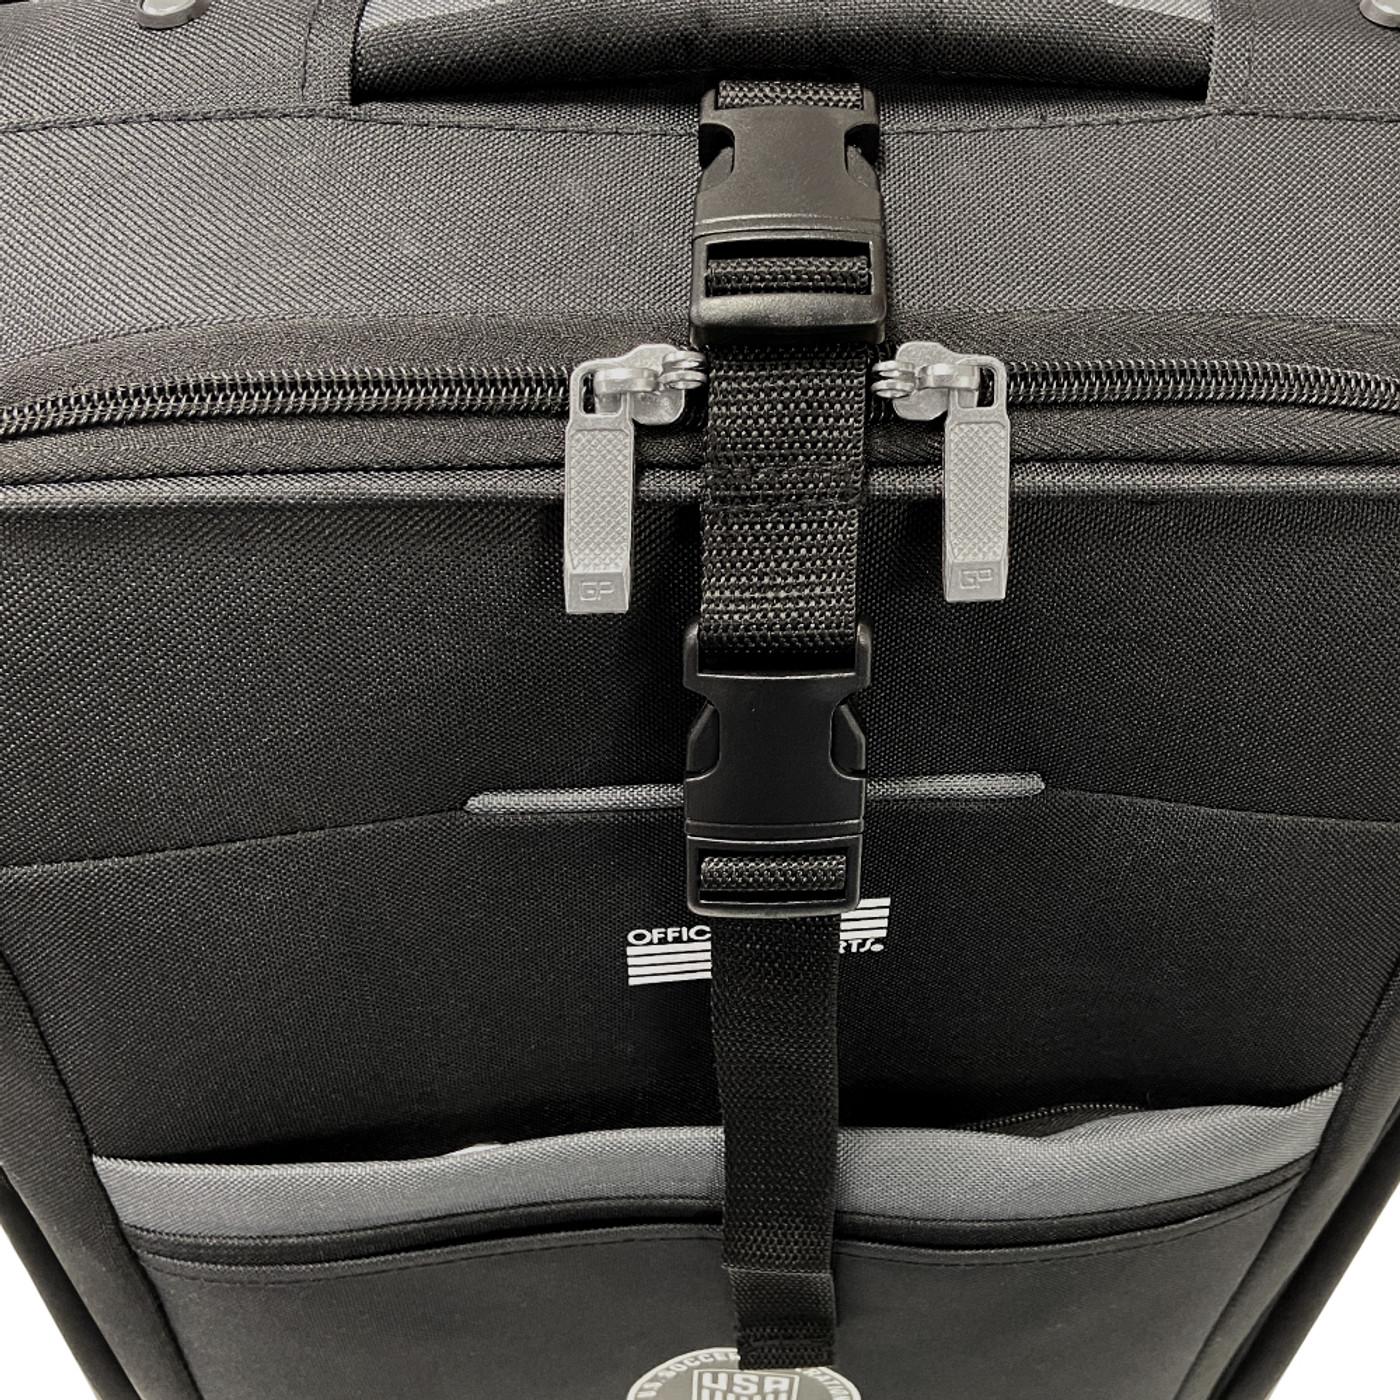 1675 Soft Side Roller Bag